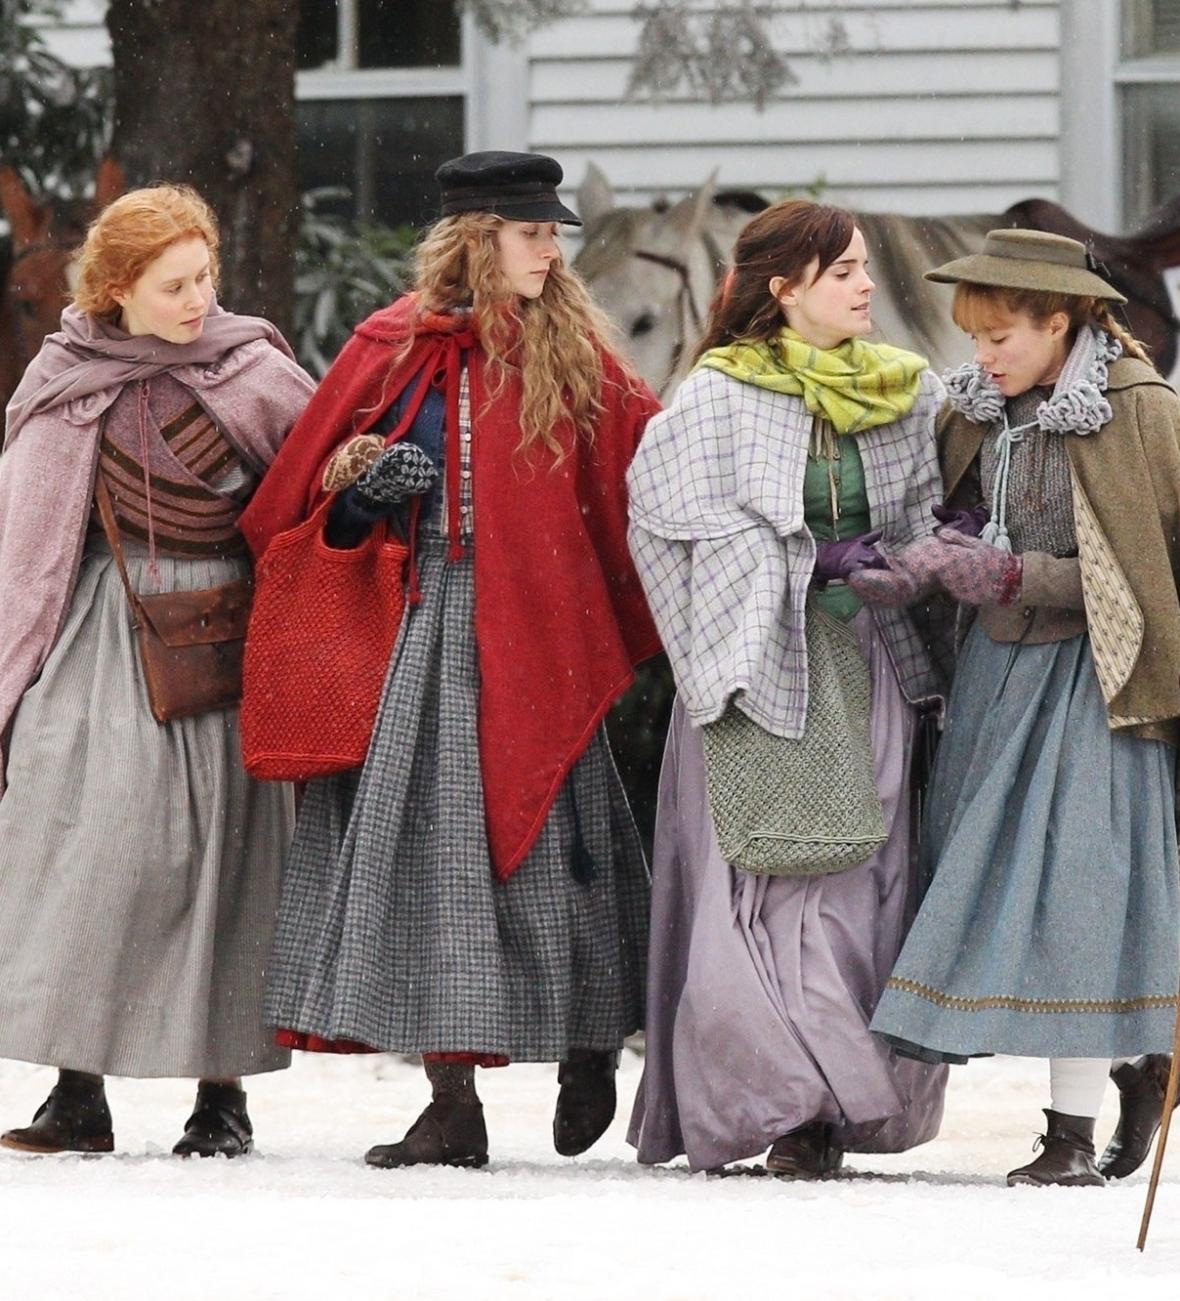 Watson-Pugh-Ronan-Scanlen-Little-Women